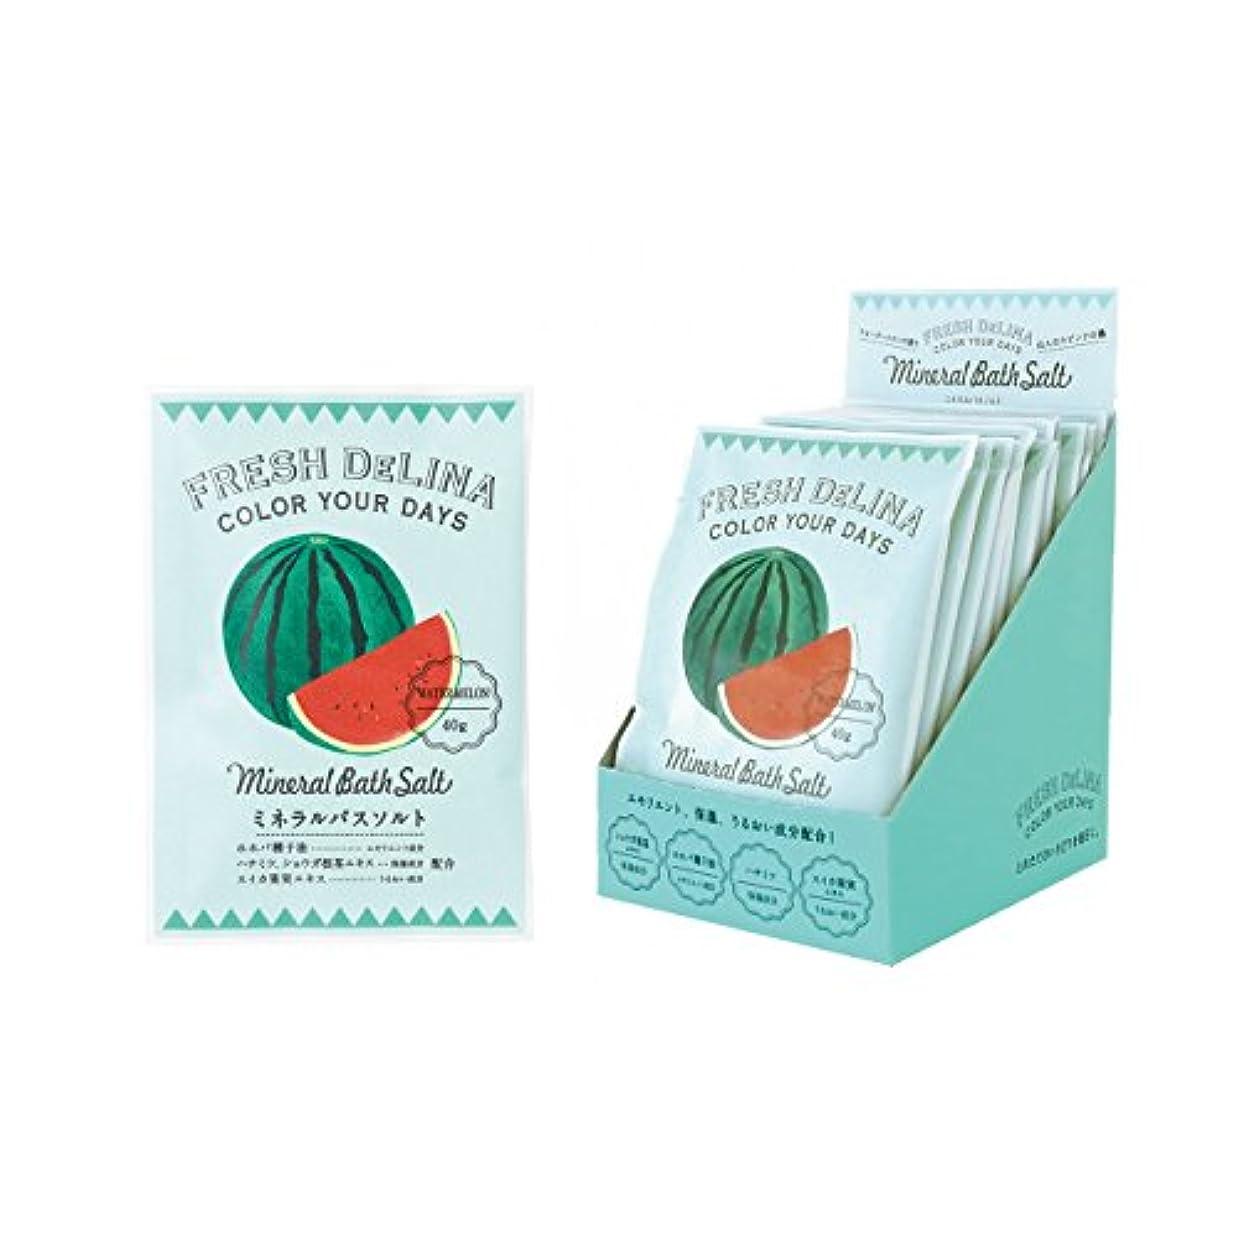 意義累計周辺フレッシュデリーナ ミネラルバスソルト40g(ウォーターメロン) 12個 (海塩タイプ入浴料 日本製 さわやかなすいかの香り)